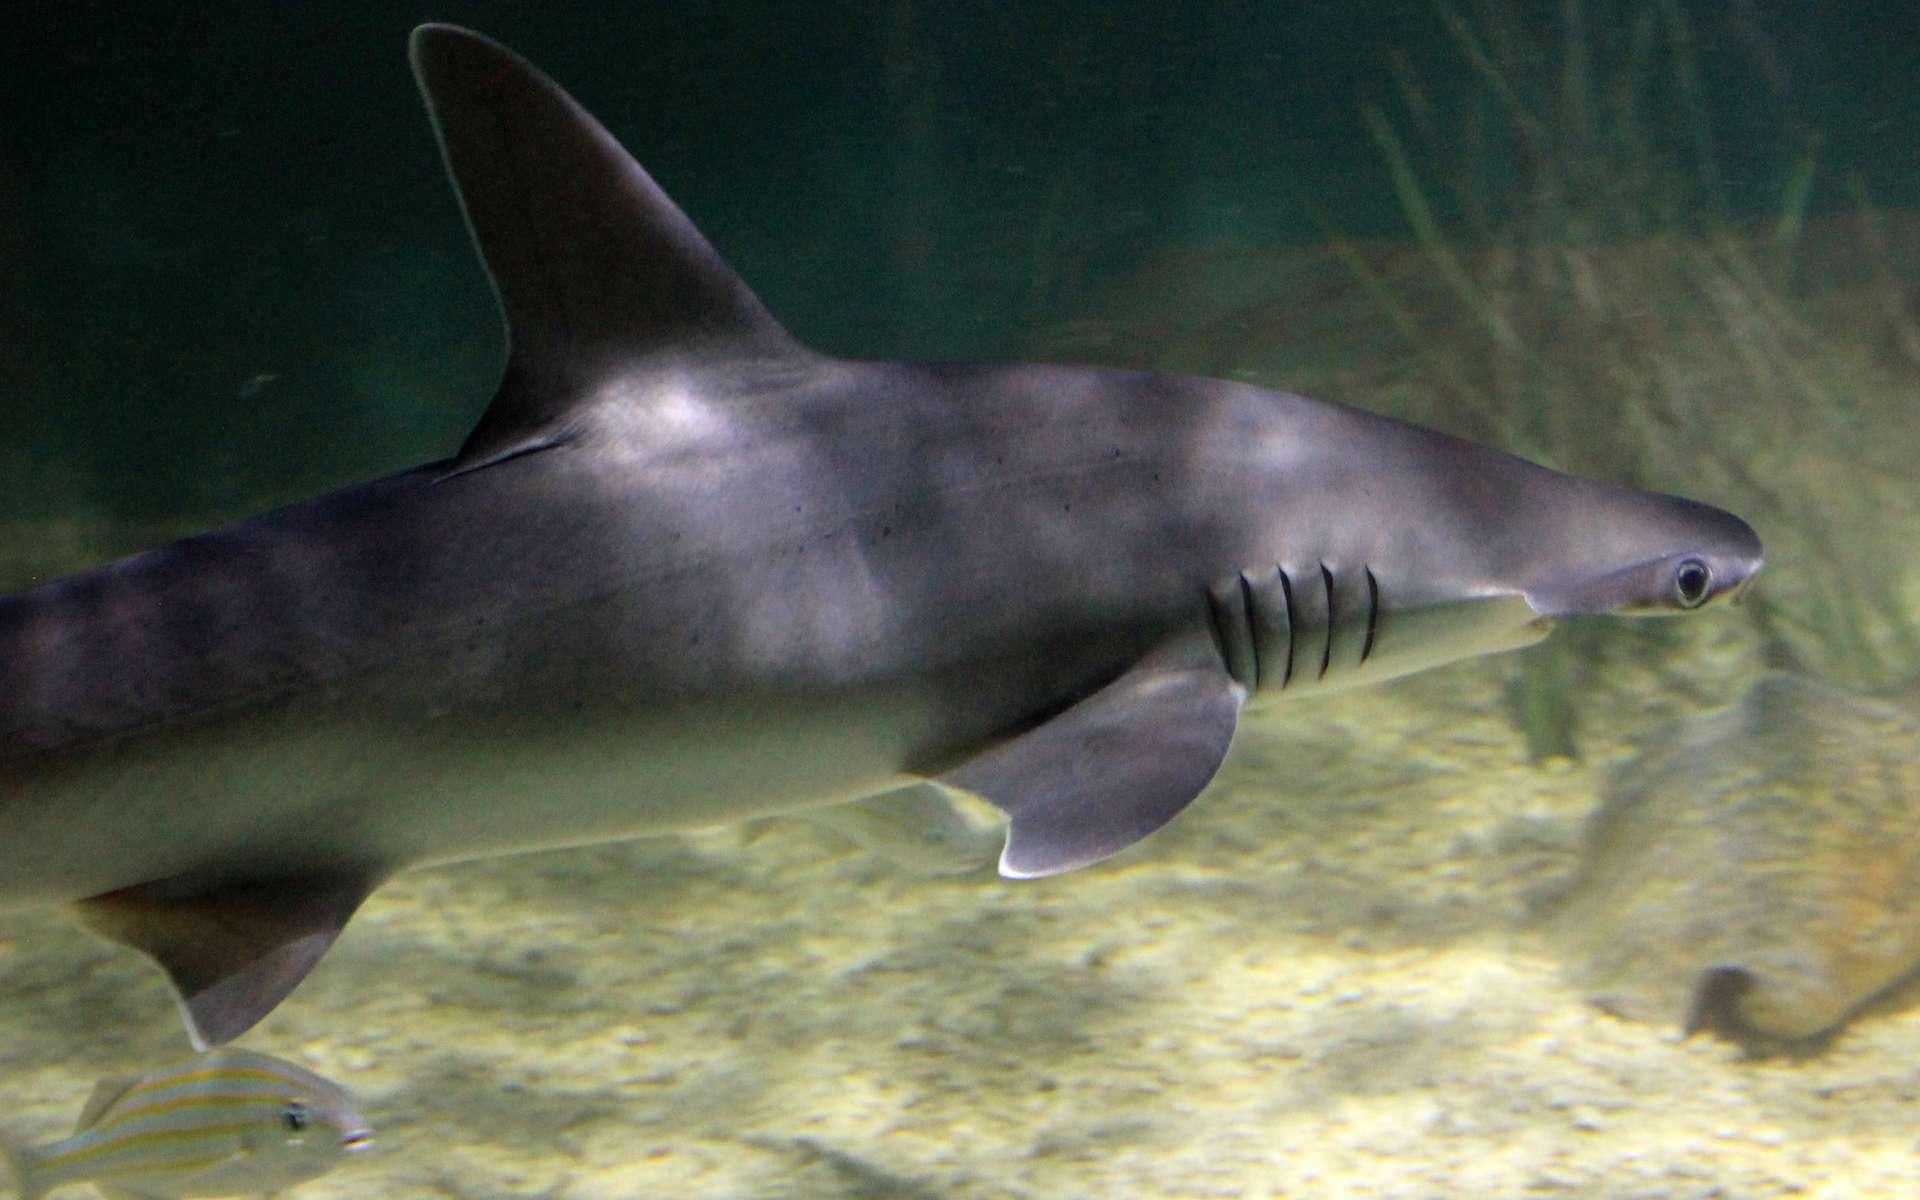 Un requin-marteau tiburo nage près du fond. Il se nourrit de petits animaux de l'herbier mais aussi des feuilles elles-mêmes. © Yinan Chen, DP